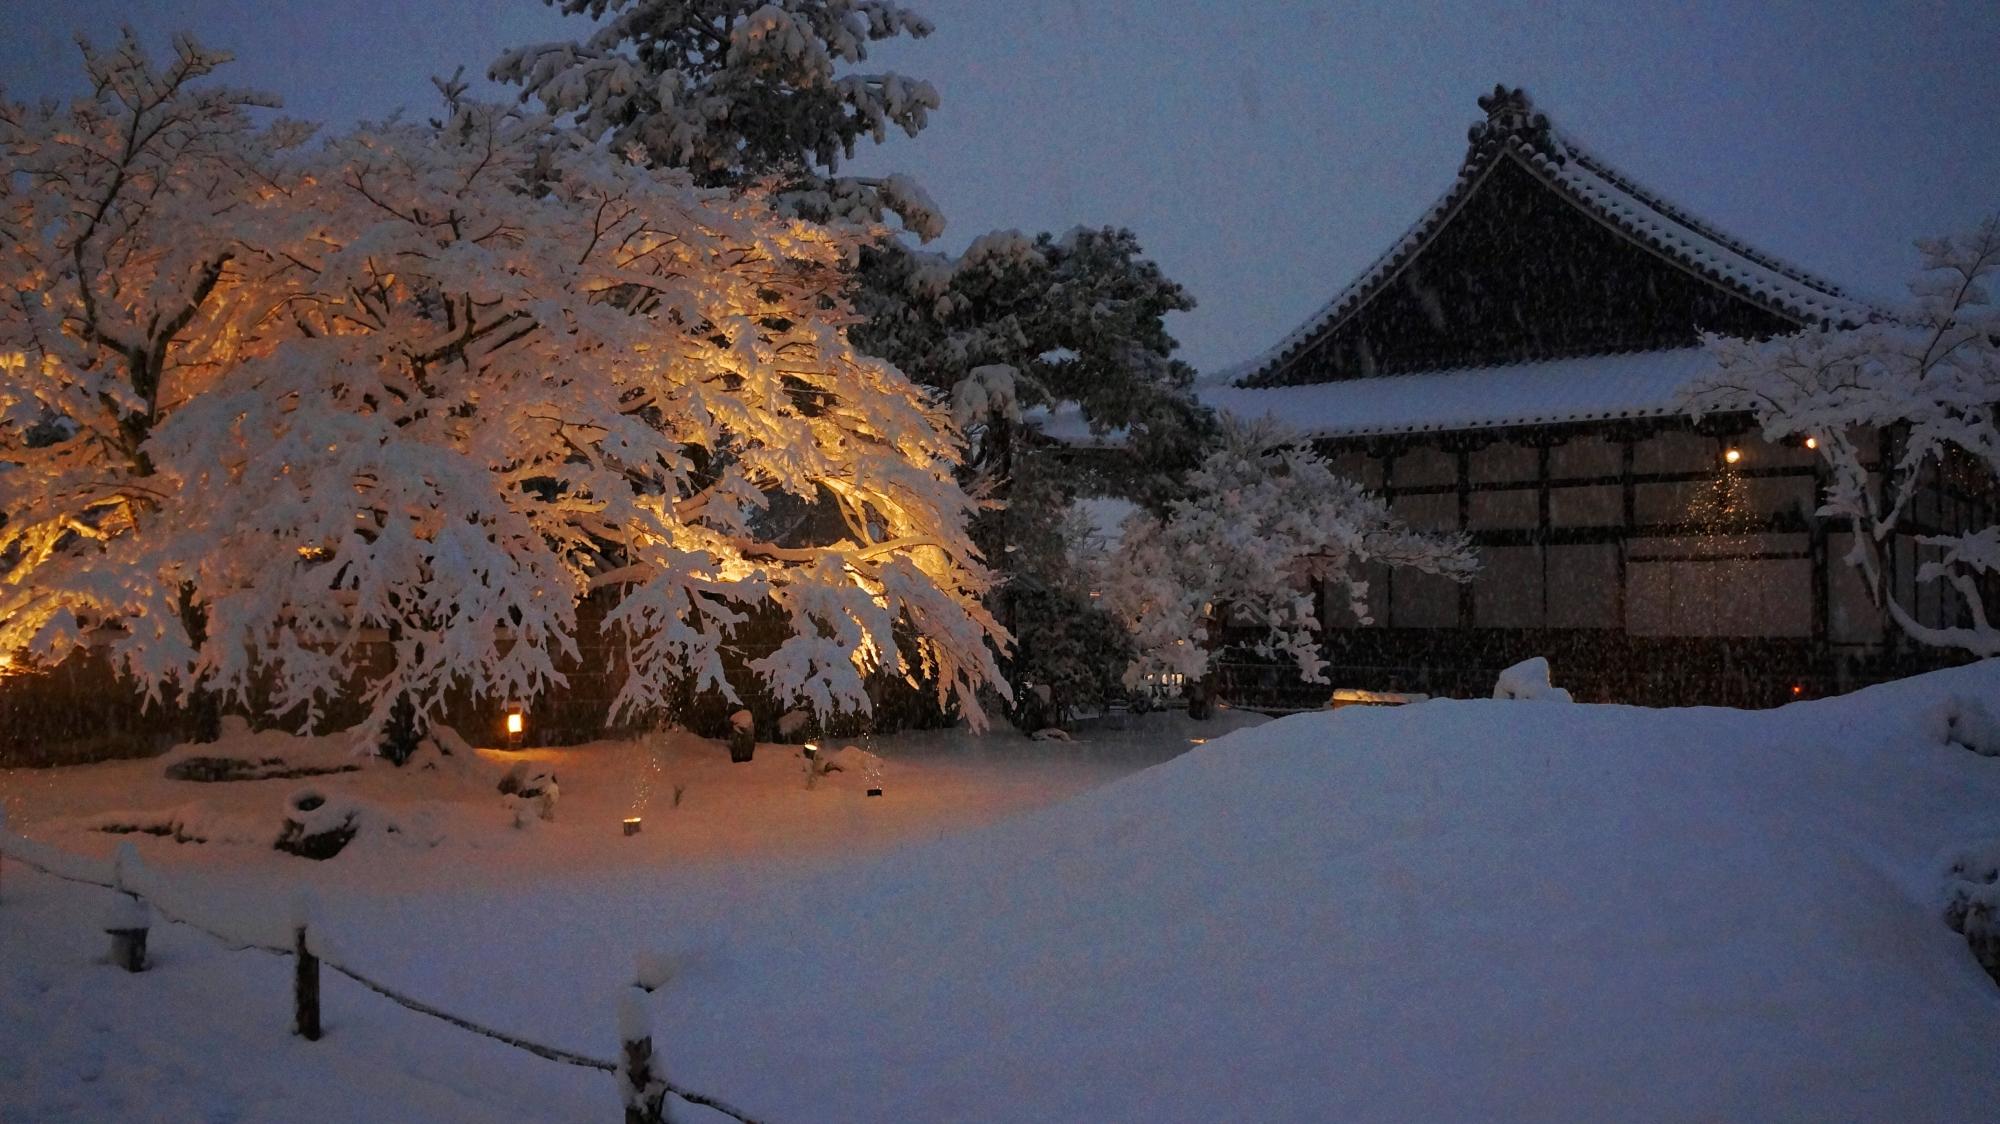 幻想的な雪のもみじと方丈のライトアップ